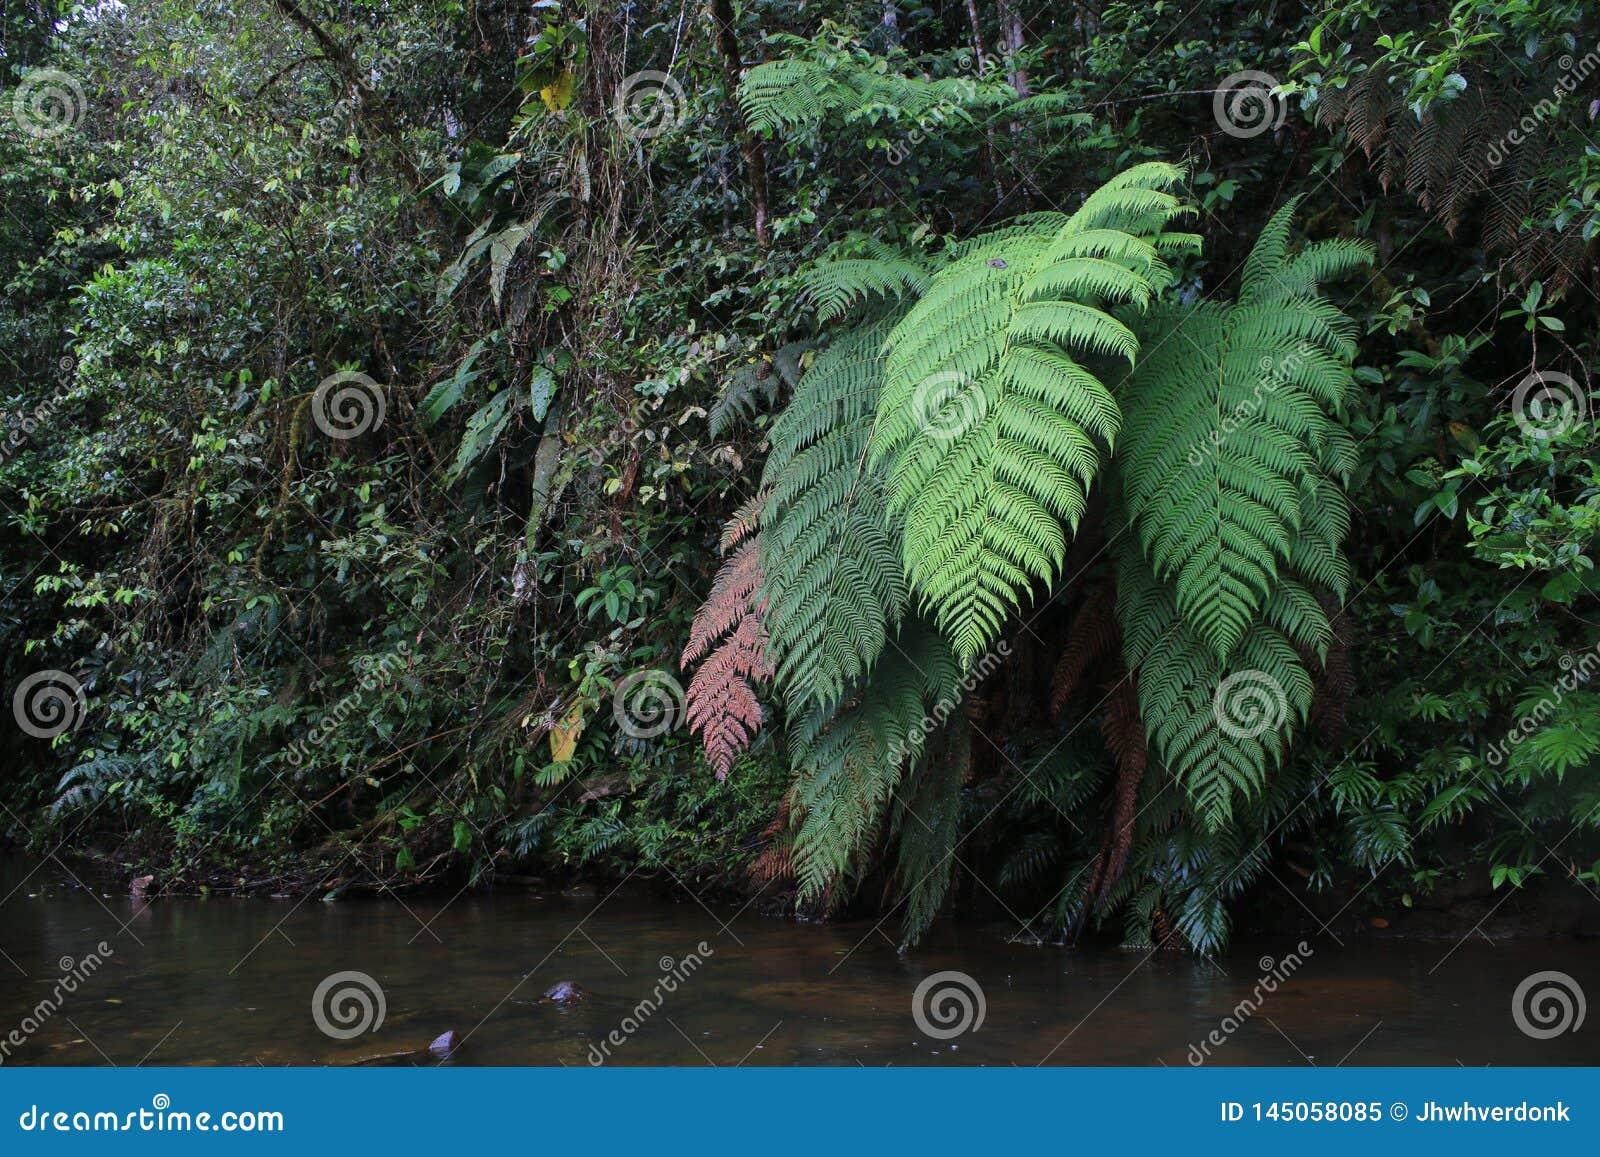 Cores diferentes de samambaias enormes ao lado de um rio na floresta úmida tropical